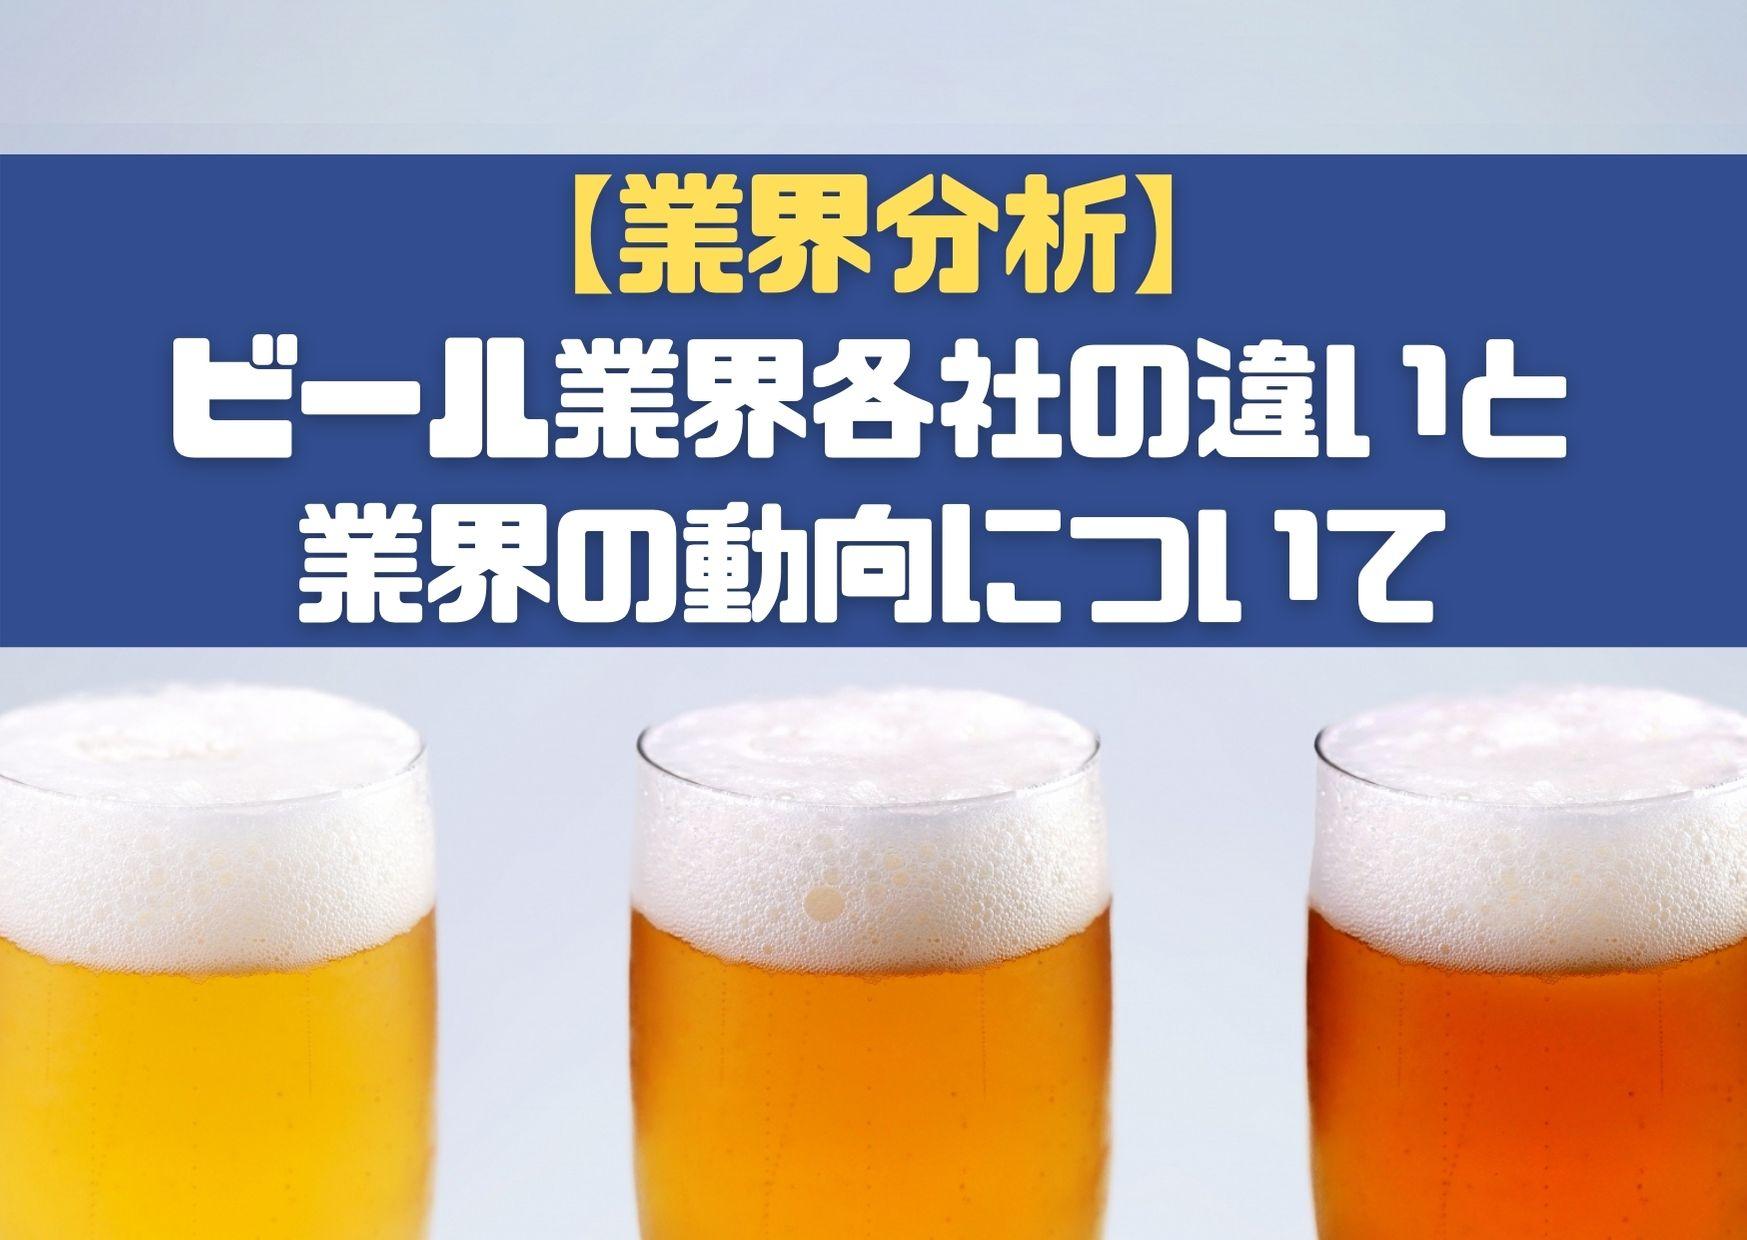 【5分で読める業界分析】ビール業界各社の違いと業界の動向について